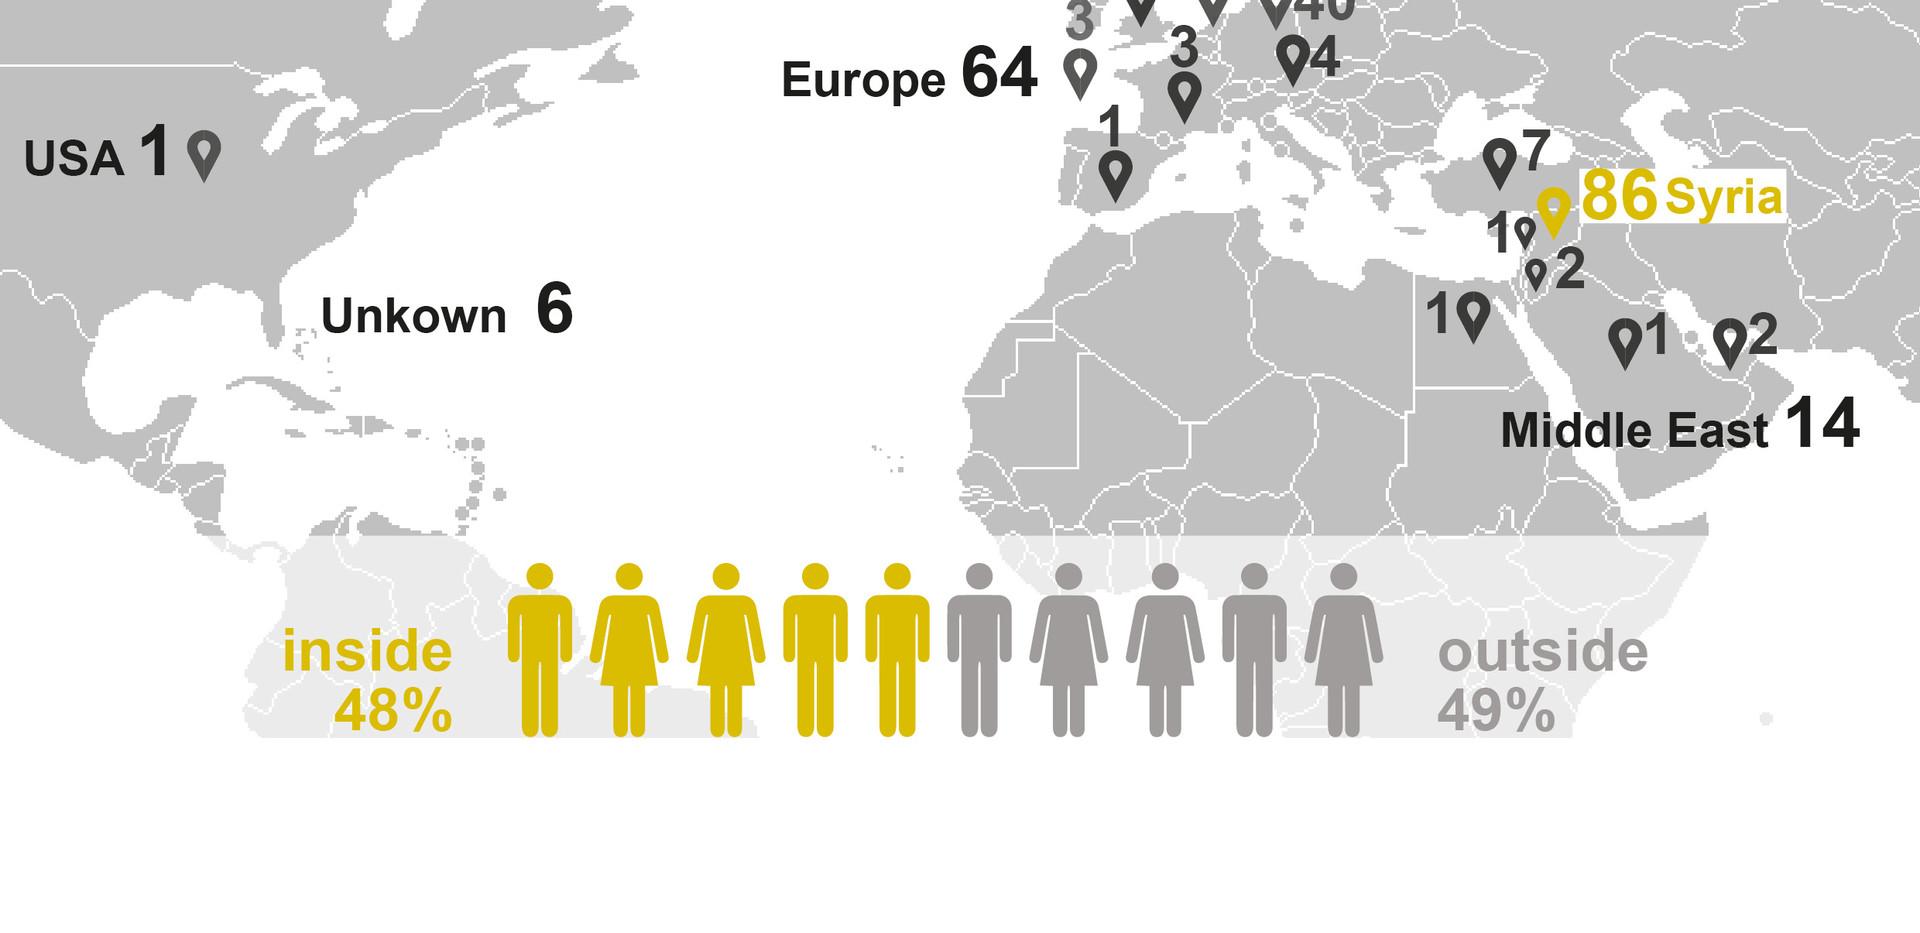 Survey Participators